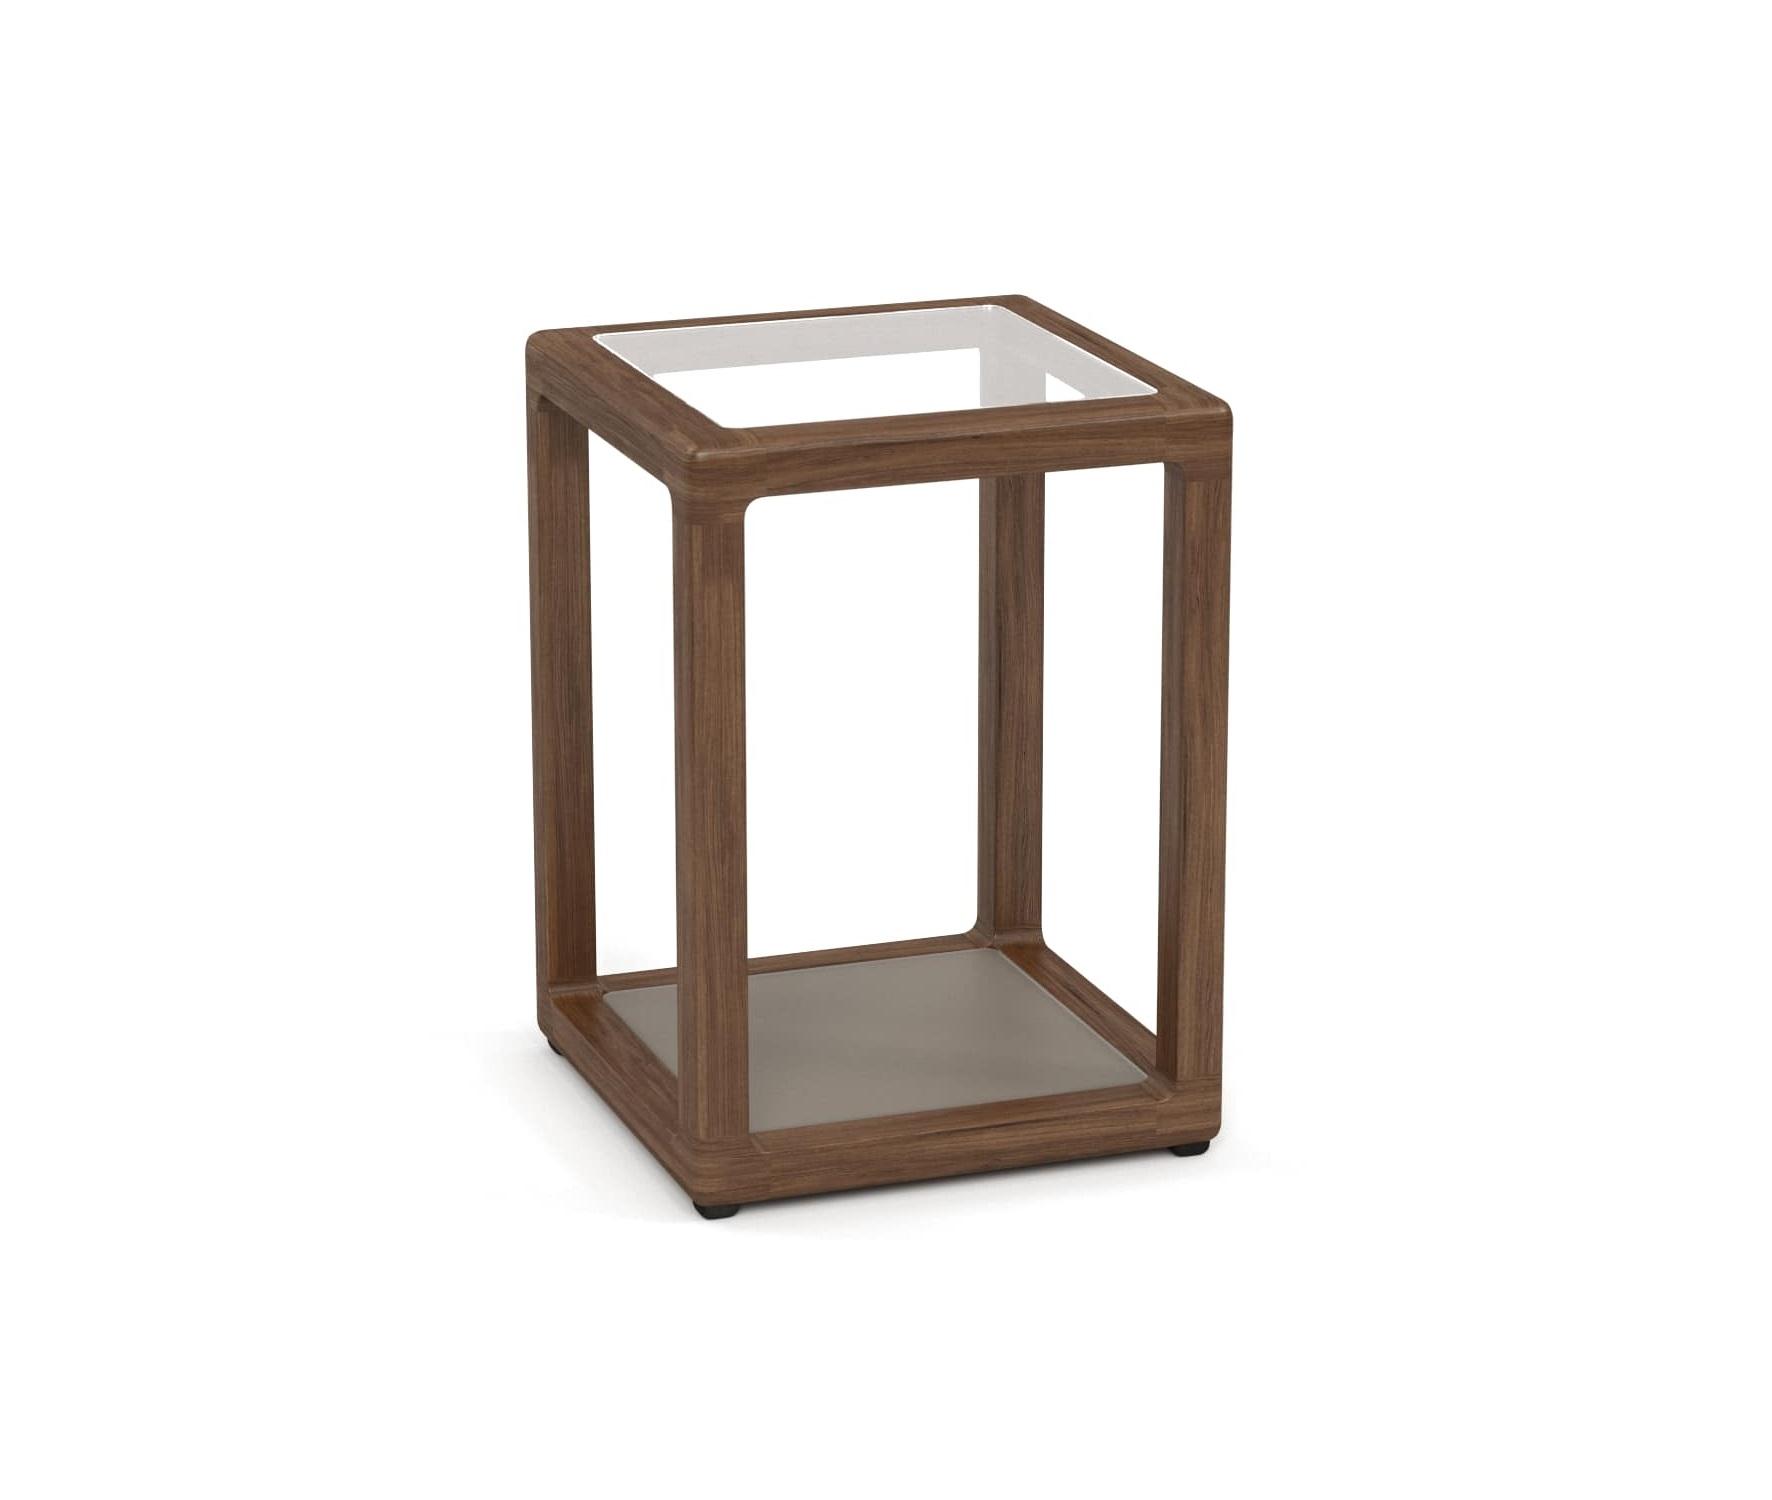 Столик придиванный VoyageСтолы и столики для сада<br>&amp;lt;div&amp;gt;Коллекция SEAGULL – воплощение природной простоты и естественного совершенства. Мебель привлекает тёплыми тонами, уникальностью материала и идеальными пропорциями. Стеклянные столешницы обеденных и журнальных столов по цвету гармонируют с тканью подушек, удобные диваны и «утопающие» кресла дарят ощущения спокойствия и комфорта.&amp;lt;/div&amp;gt;&amp;lt;div&amp;gt;&amp;lt;br&amp;gt;&amp;lt;/div&amp;gt;&amp;lt;div&amp;gt;Термоясень (ясень термообработанный) обладает высокими эксплуатационными характеристиками. Имеет ярко выраженную красивую текстуру и благородный аромат. Это исключительно долговечный, недеформируемый под воздействием атмосферных явлений и экологически чистый материал. В результате термообработки – длительного переменного воздействия пара и высоких температур – в структуре древесины происходят изменения на молекулярном уровне, и ясень приобретает наиболее важные для уличной мебели свойства – водостойкость, стабильность размеров, абсолютную устойчивость к биологическим поражениям. Срок службы – 10-15 лет.&amp;lt;/div&amp;gt;&amp;lt;div&amp;gt;&amp;lt;br&amp;gt;&amp;lt;/div&amp;gt;&amp;lt;div&amp;gt;Вся фурнитура изготовлена из нержавеющей стали на собственном производстве.&amp;amp;nbsp;&amp;lt;/div&amp;gt;&amp;lt;div&amp;gt;&amp;lt;br&amp;gt;&amp;lt;/div&amp;gt;<br><br>&amp;lt;iframe width=&amp;quot;530&amp;quot; height=&amp;quot;300&amp;quot; src=&amp;quot;https://www.youtube.com/embed/uL9Kujh07kc&amp;quot; frameborder=&amp;quot;0&amp;quot; allowfullscreen=&amp;quot;&amp;quot;&amp;gt;&amp;lt;/iframe&amp;gt;<br><br>Material: Ясень<br>Ширина см: 40.0<br>Глубина см: 40.0